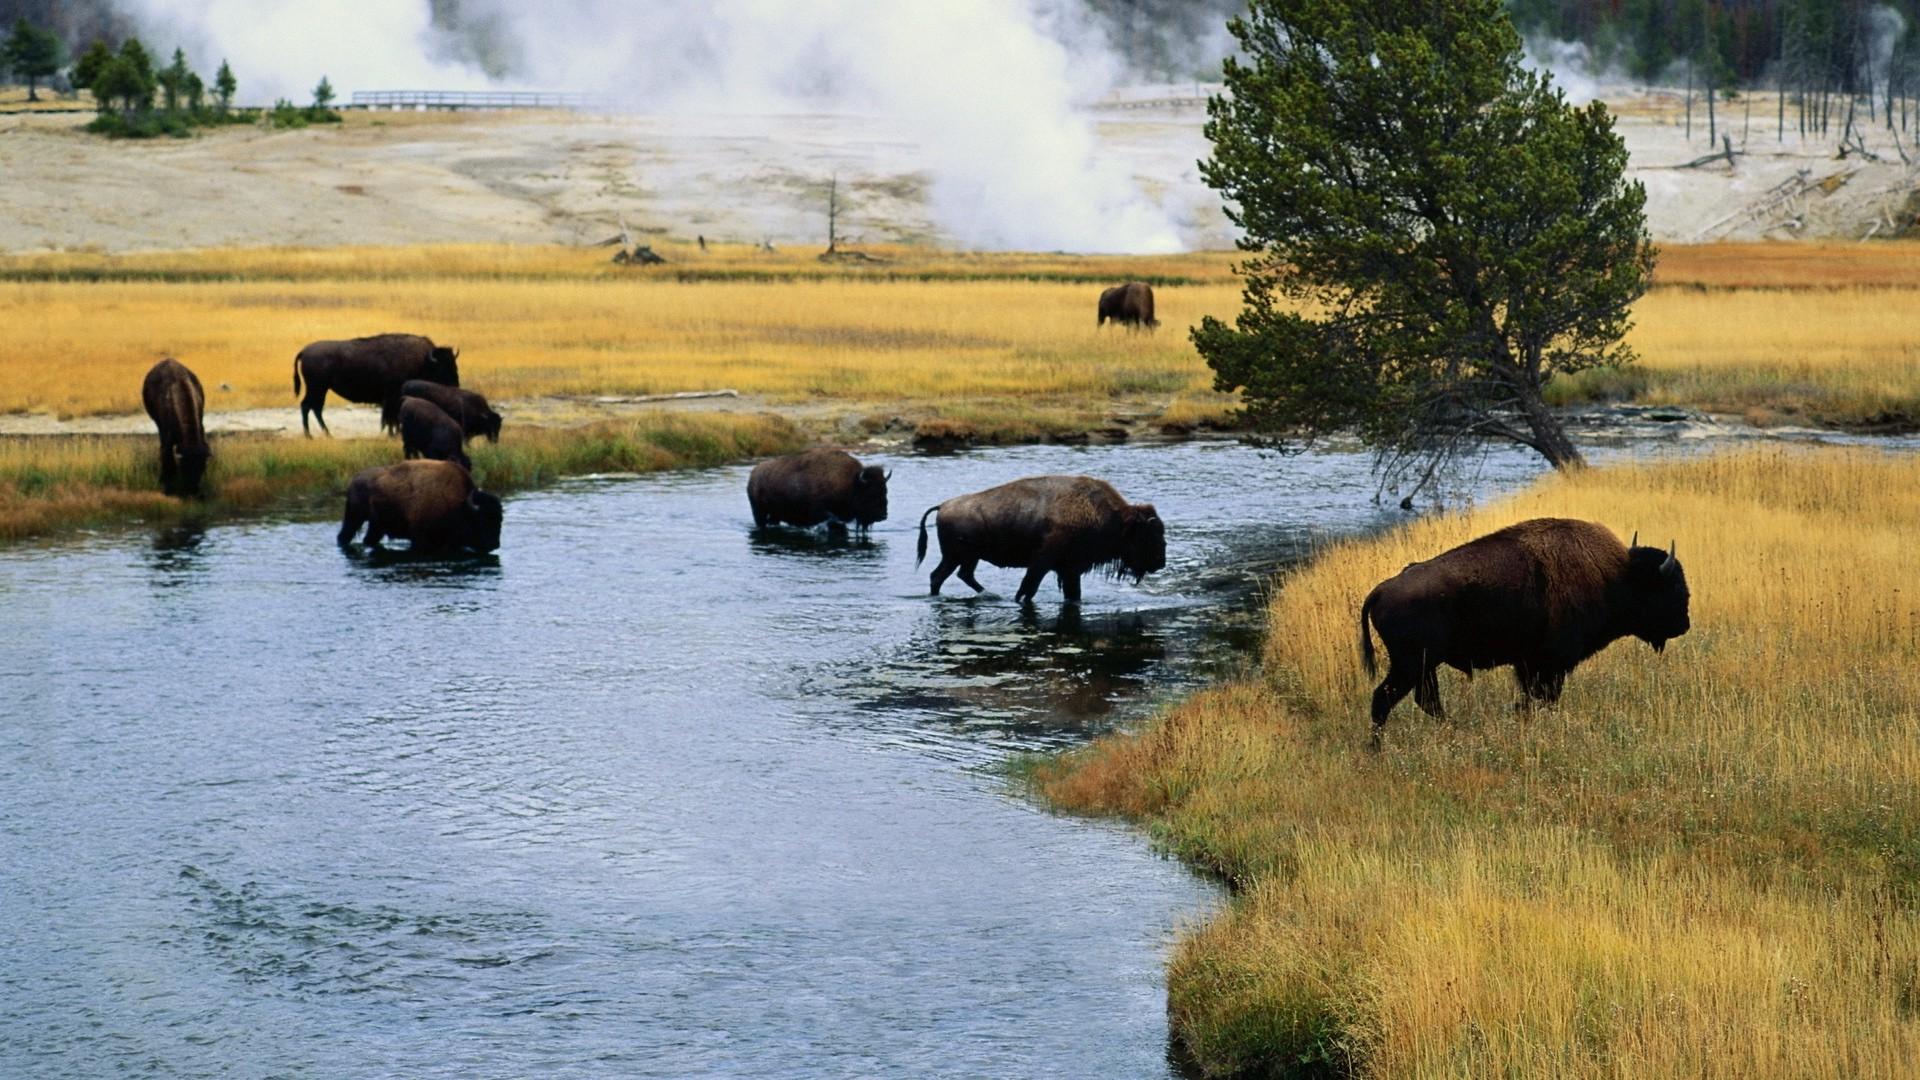 Must see Bison Wallpaper - bison-desktop-wallpaper-53704-55433-hd-wallpapers  Snapshot_8482.jpg